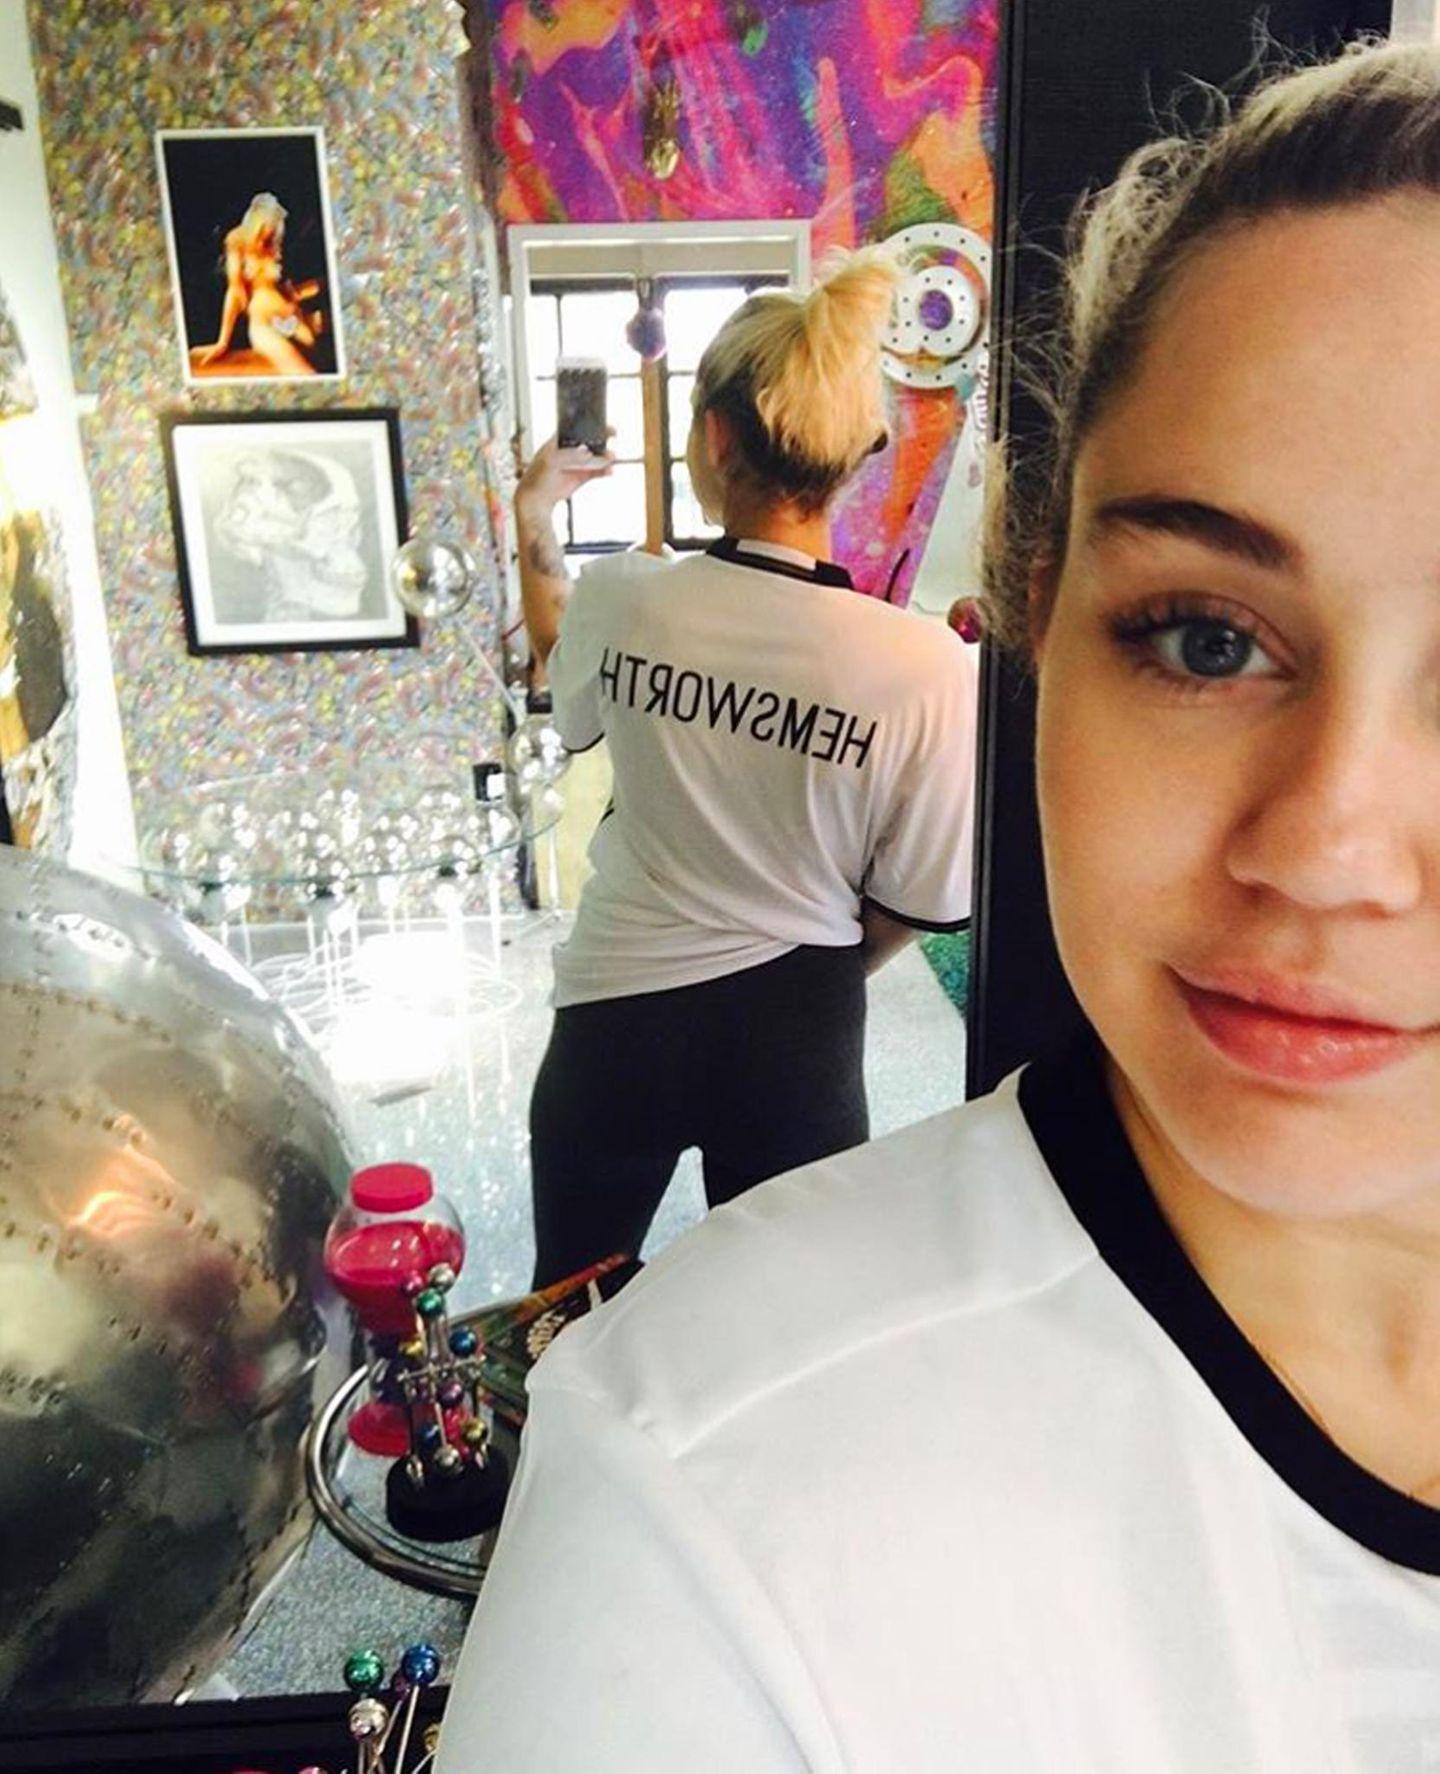 Seit dem Liebes-Comeback mit Liam Hemsworth hält sich Miley Cyrus eher bedeckt mit Kommentaren zu ihrem Beziehungsstatus. Auf Instagram zeigt sie sich nun allerdings mit einem Hemsworth-Trikot. Scheint so, als ob sie sich schon mal an den Nachnamen gewöhnen möchte - als künftige Mrs.